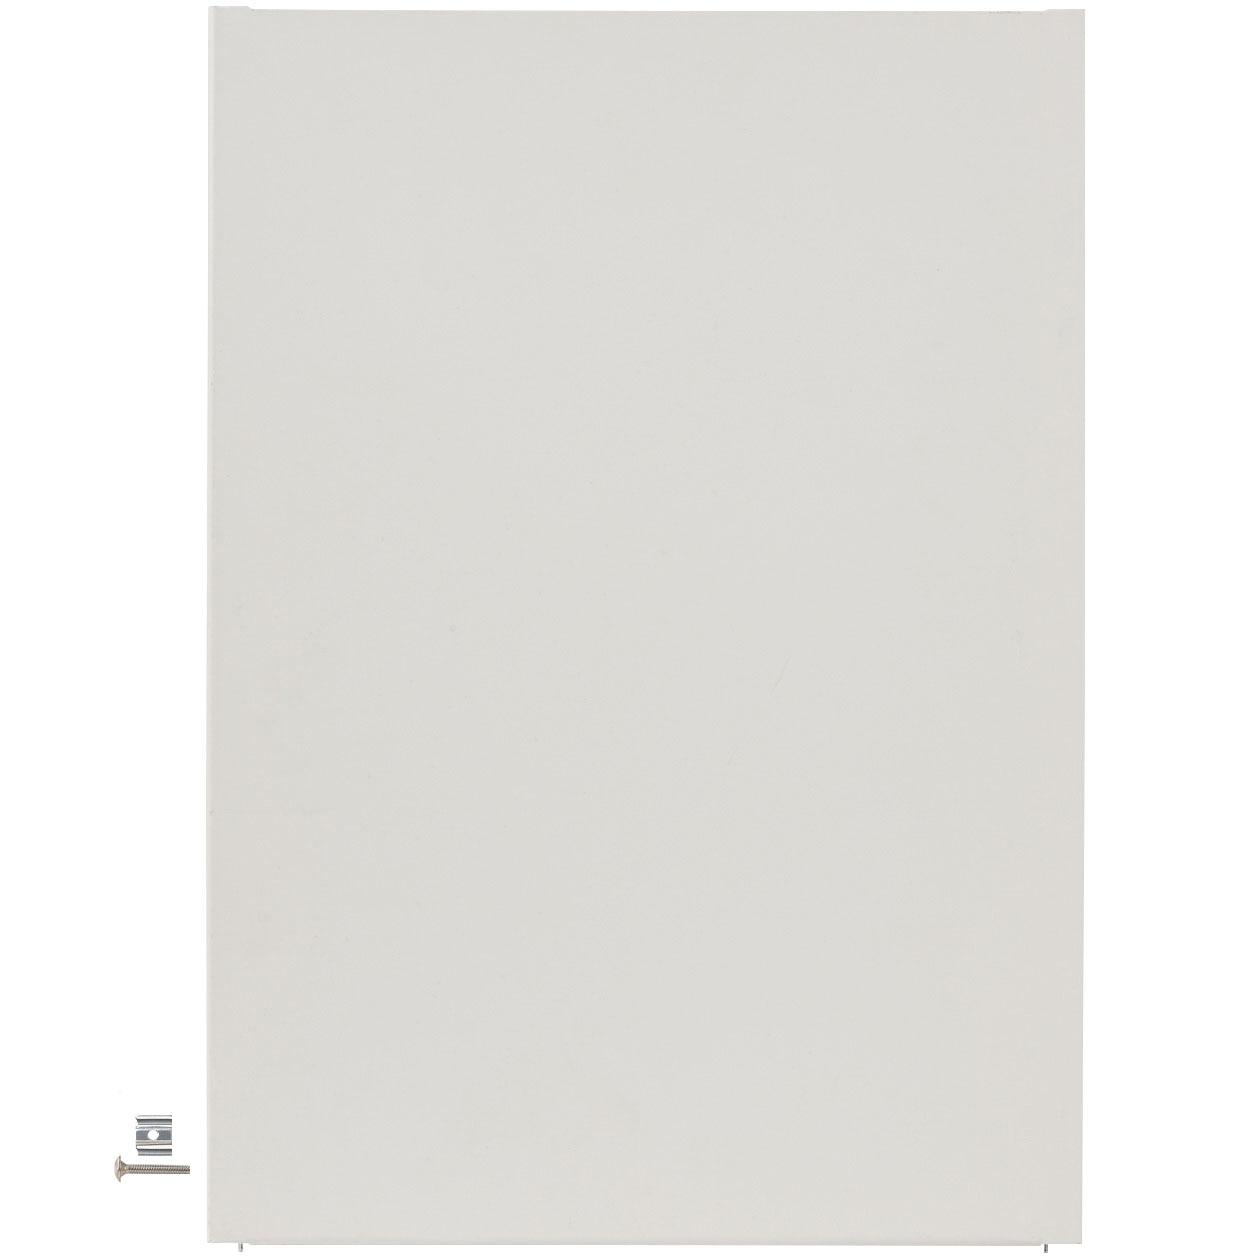 スチールユニットシェルフ・サイドパネル・インナー用・大・ライトグレー